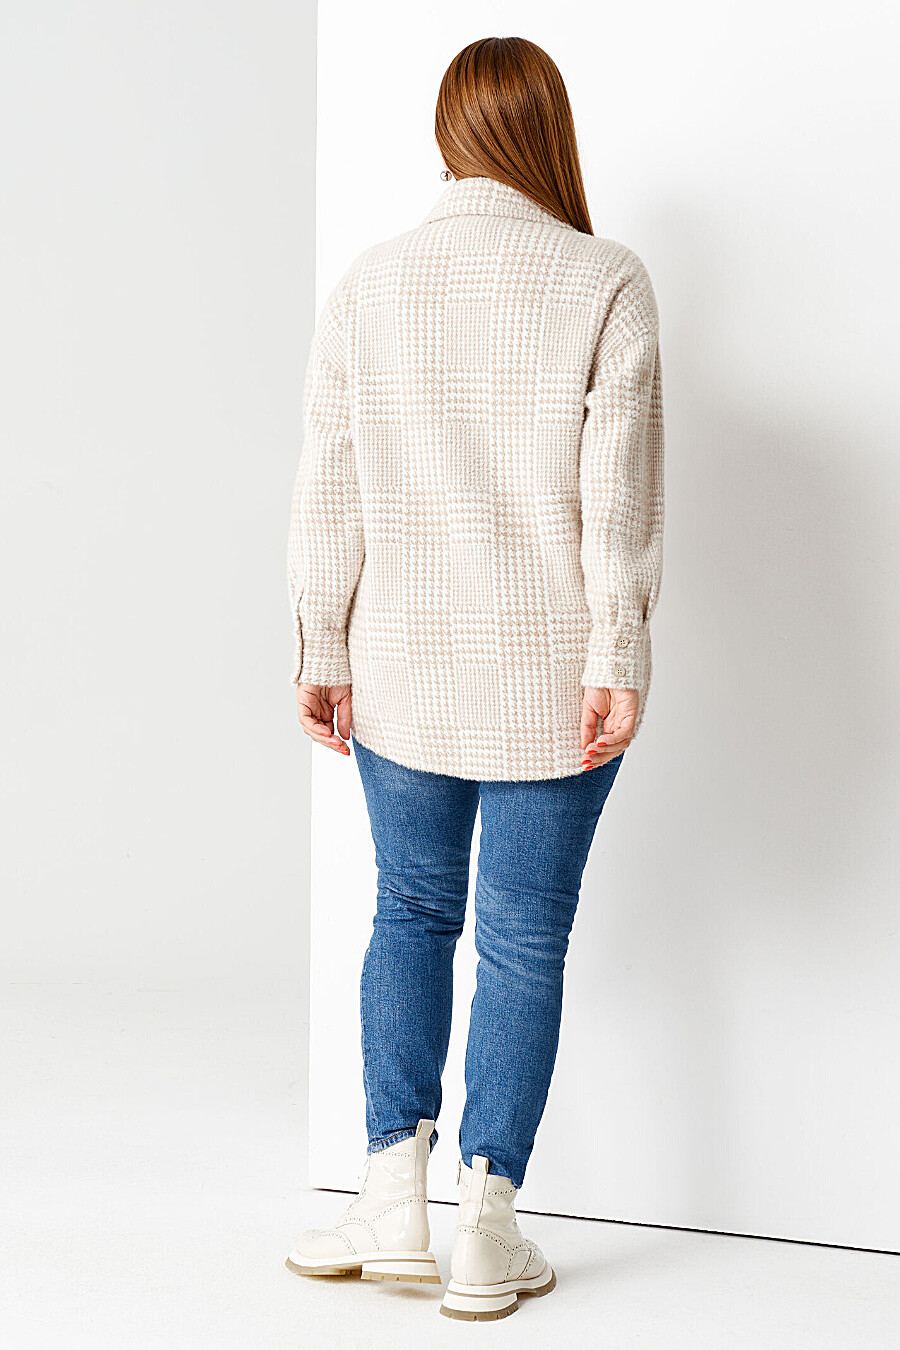 Жакет для женщин PANDA 708396 купить оптом от производителя. Совместная покупка женской одежды в OptMoyo